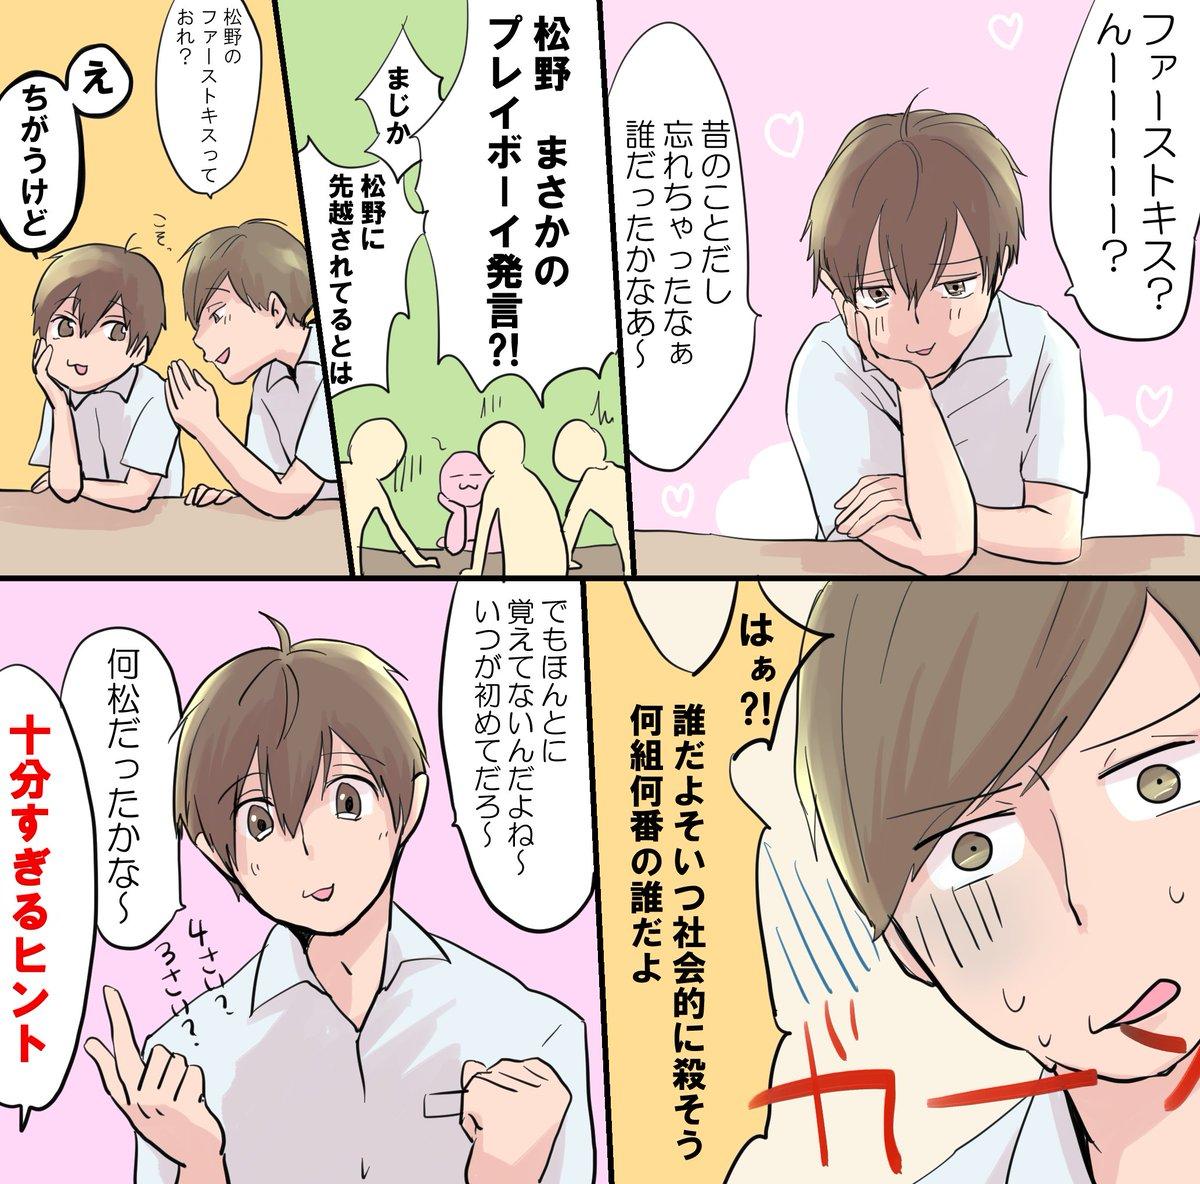 【学パロ】「松野まさかのプレイボーイ発言」(あつトド)